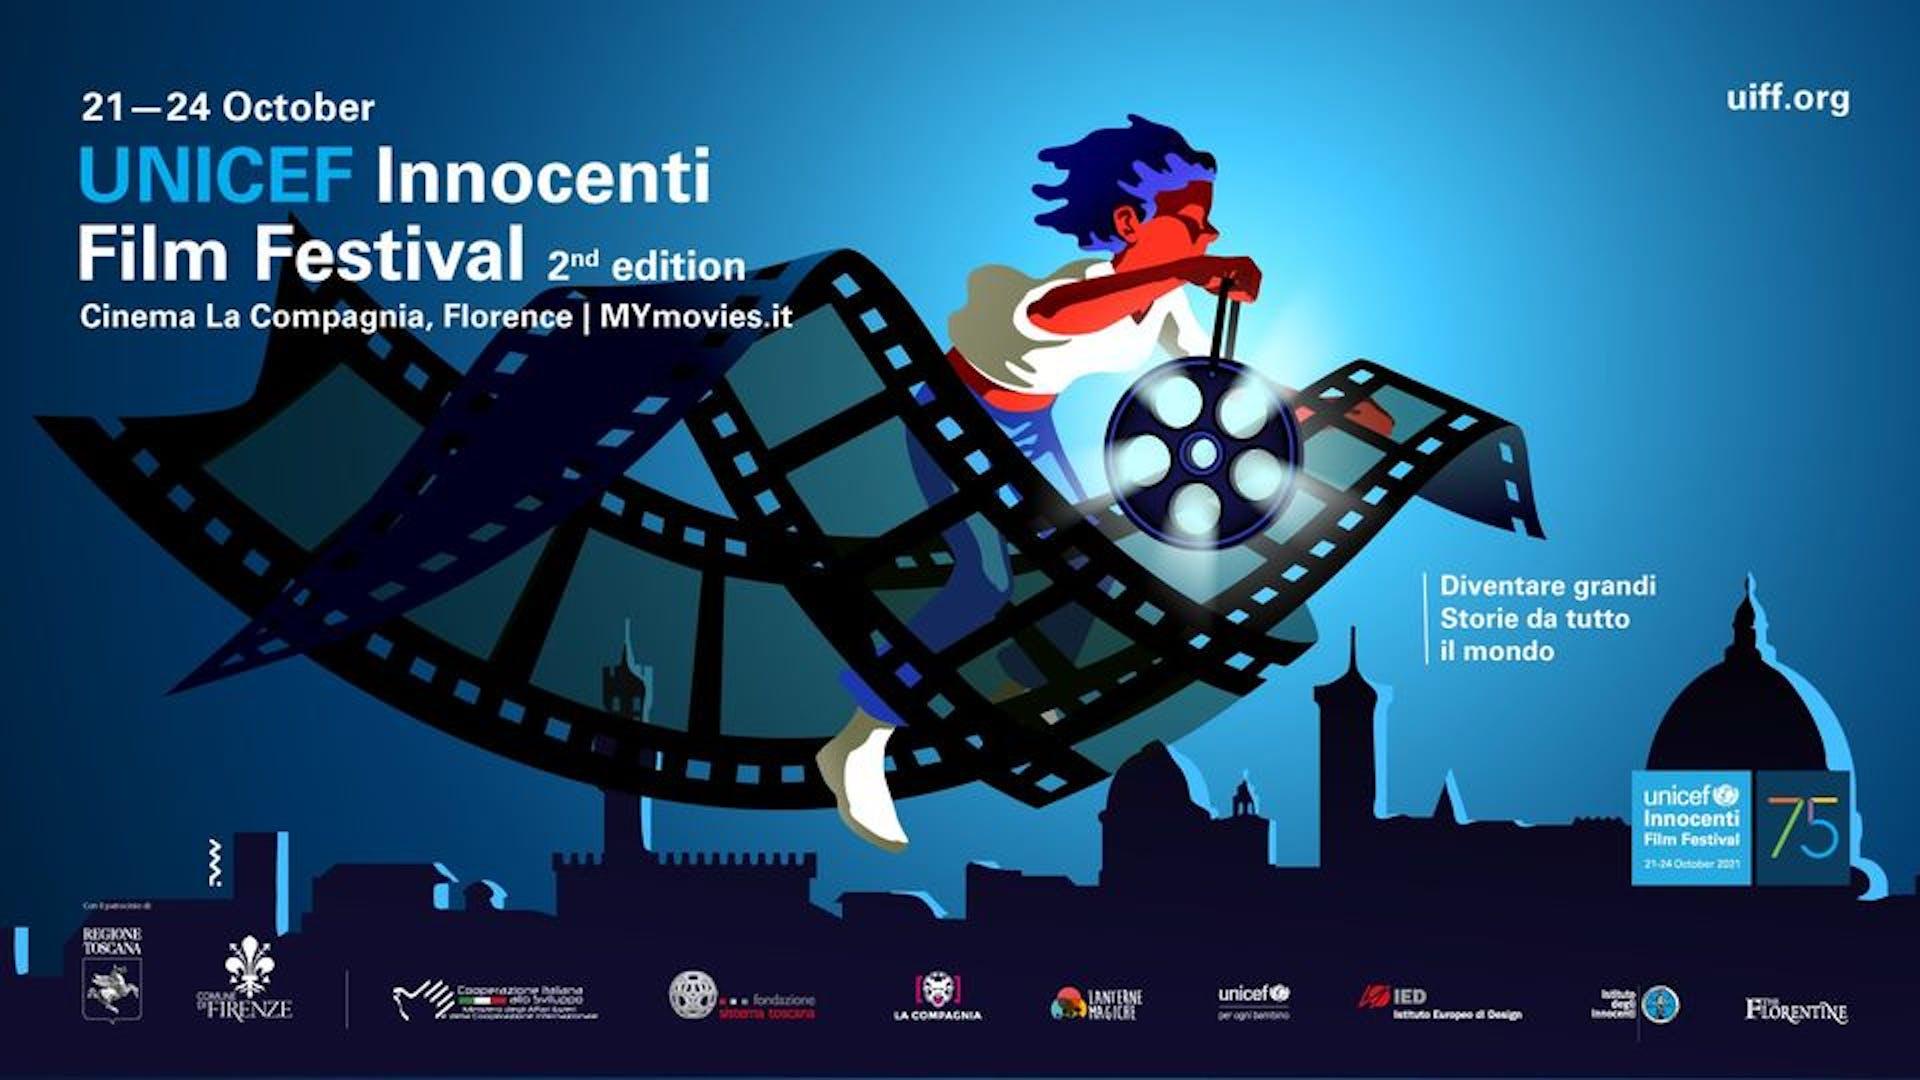 Innocenti film festival